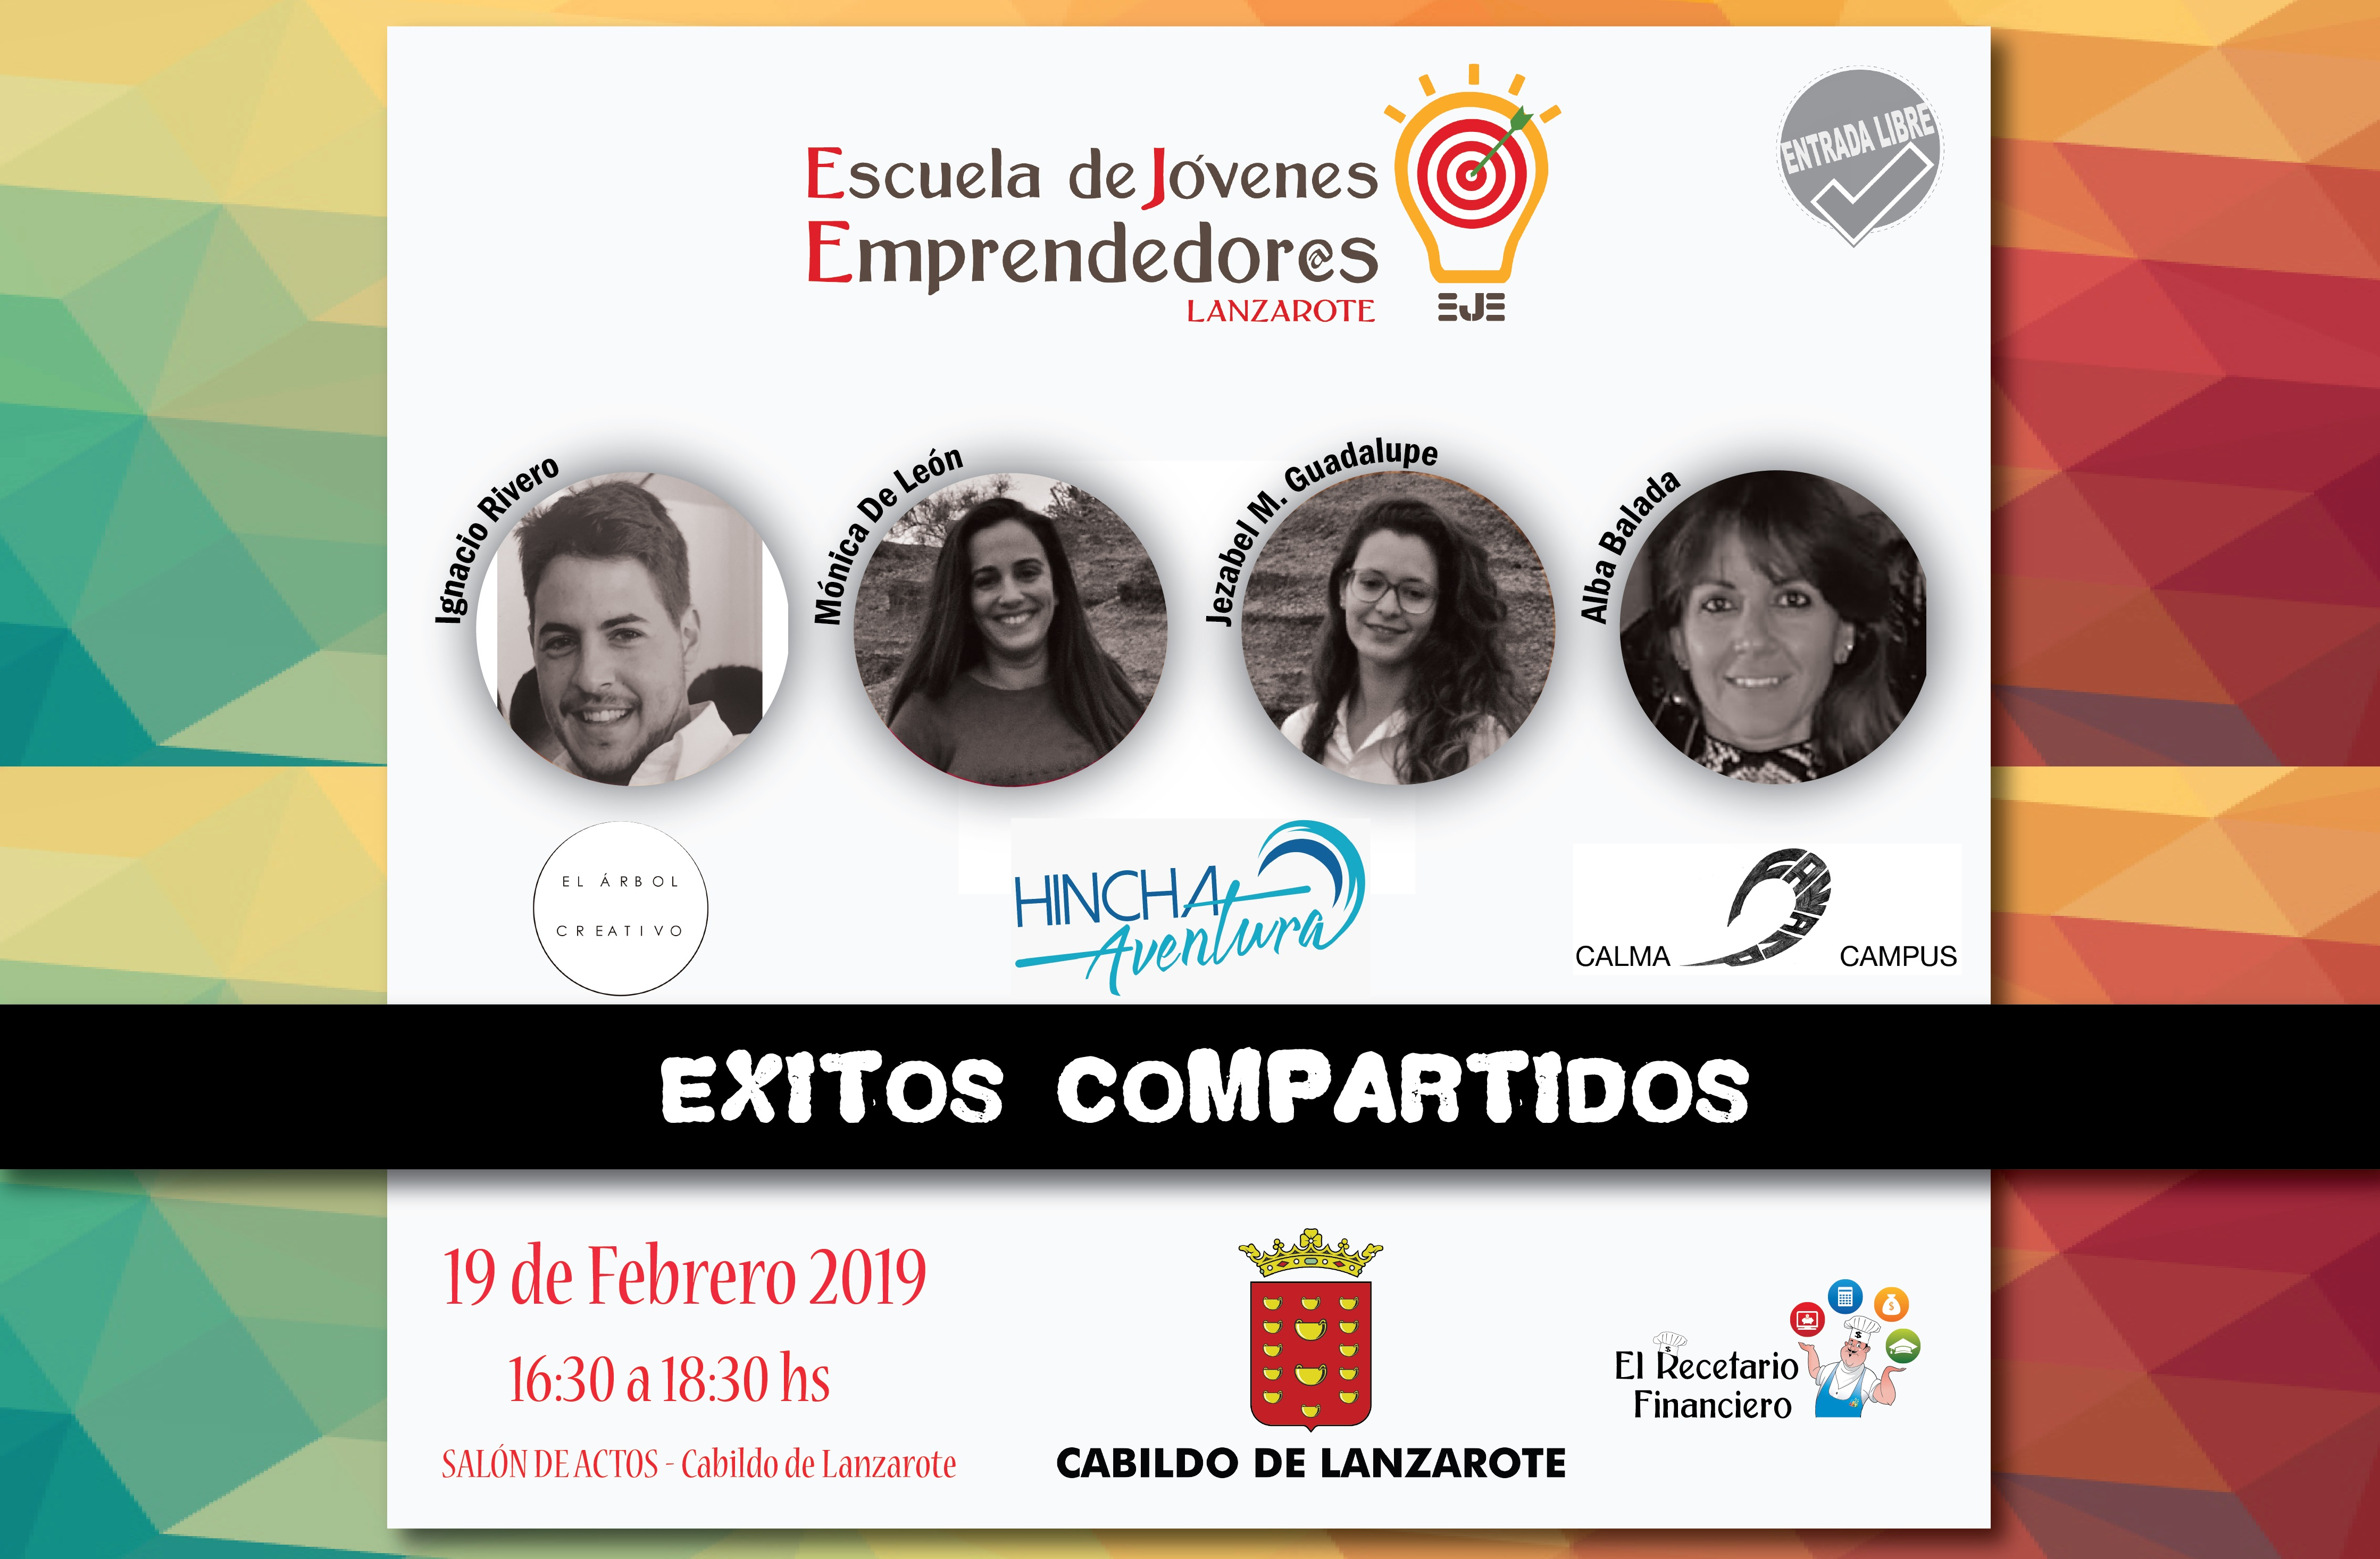 El Cabildo de Lanzarote acoge una nueva edición de `Éxitos Compartidos', el evento anual de la Escuela de Jóvenes Emprendedores